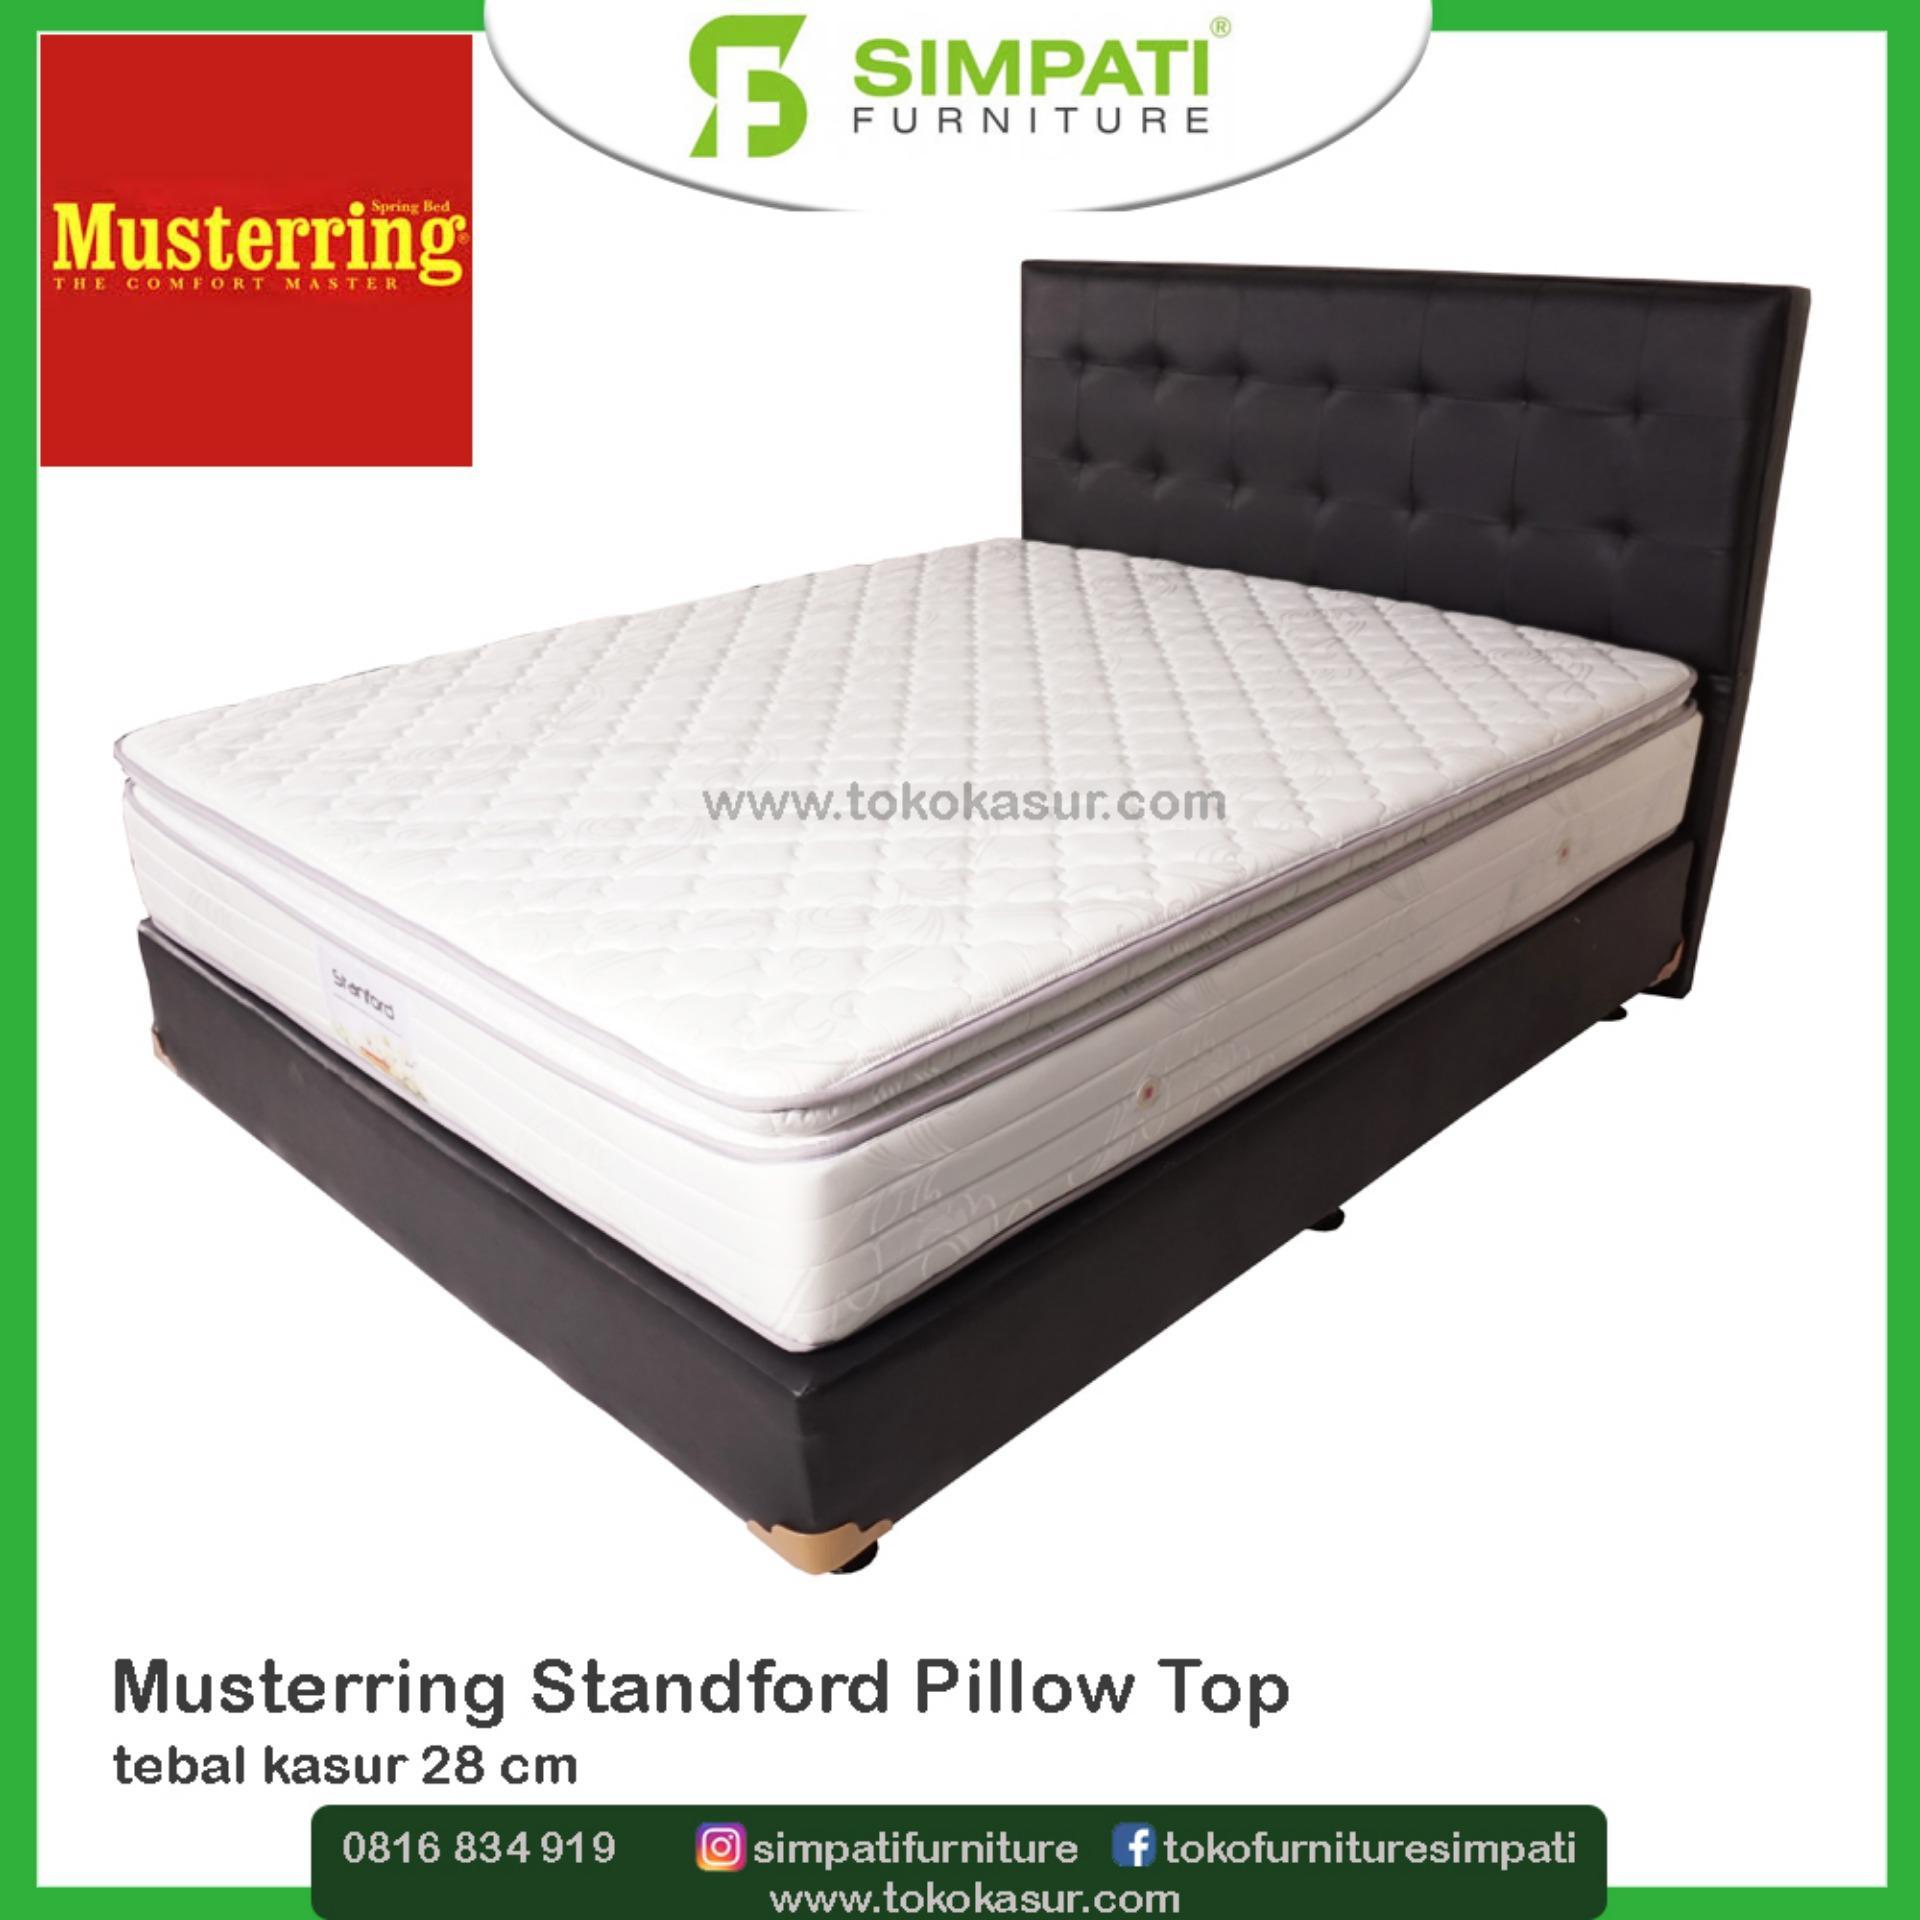 Musterring Spring Bed Standford Pillow Top - Hanya Kasur Tanpa divan dan Sandaran - 100X200